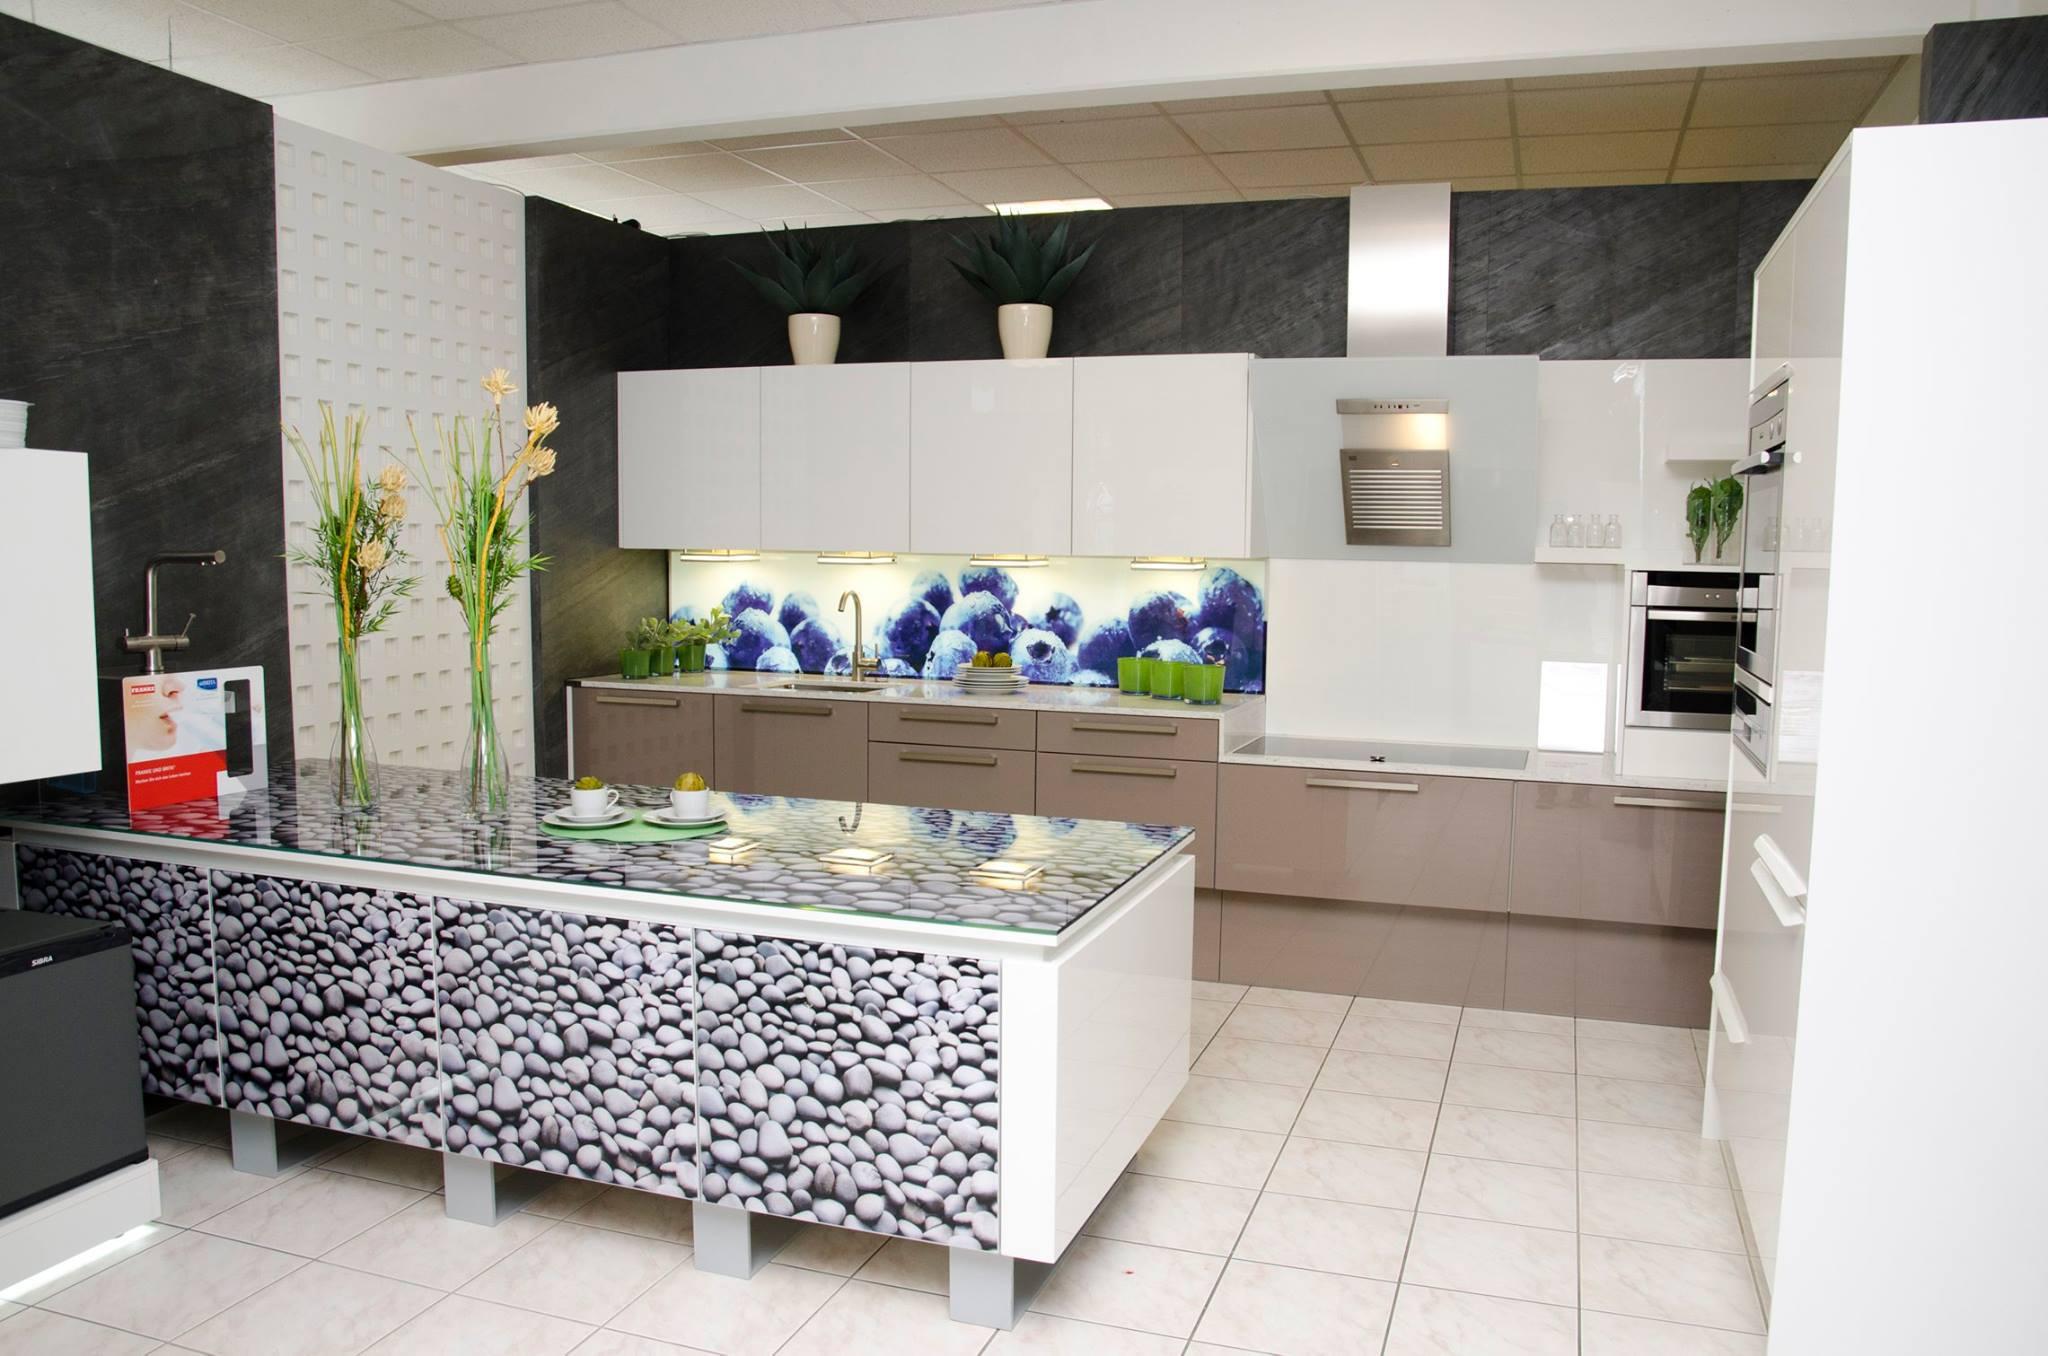 Tolle Ideen Für Eine Küche Tee Party Hosting Bilder - Ideen Für Die ...